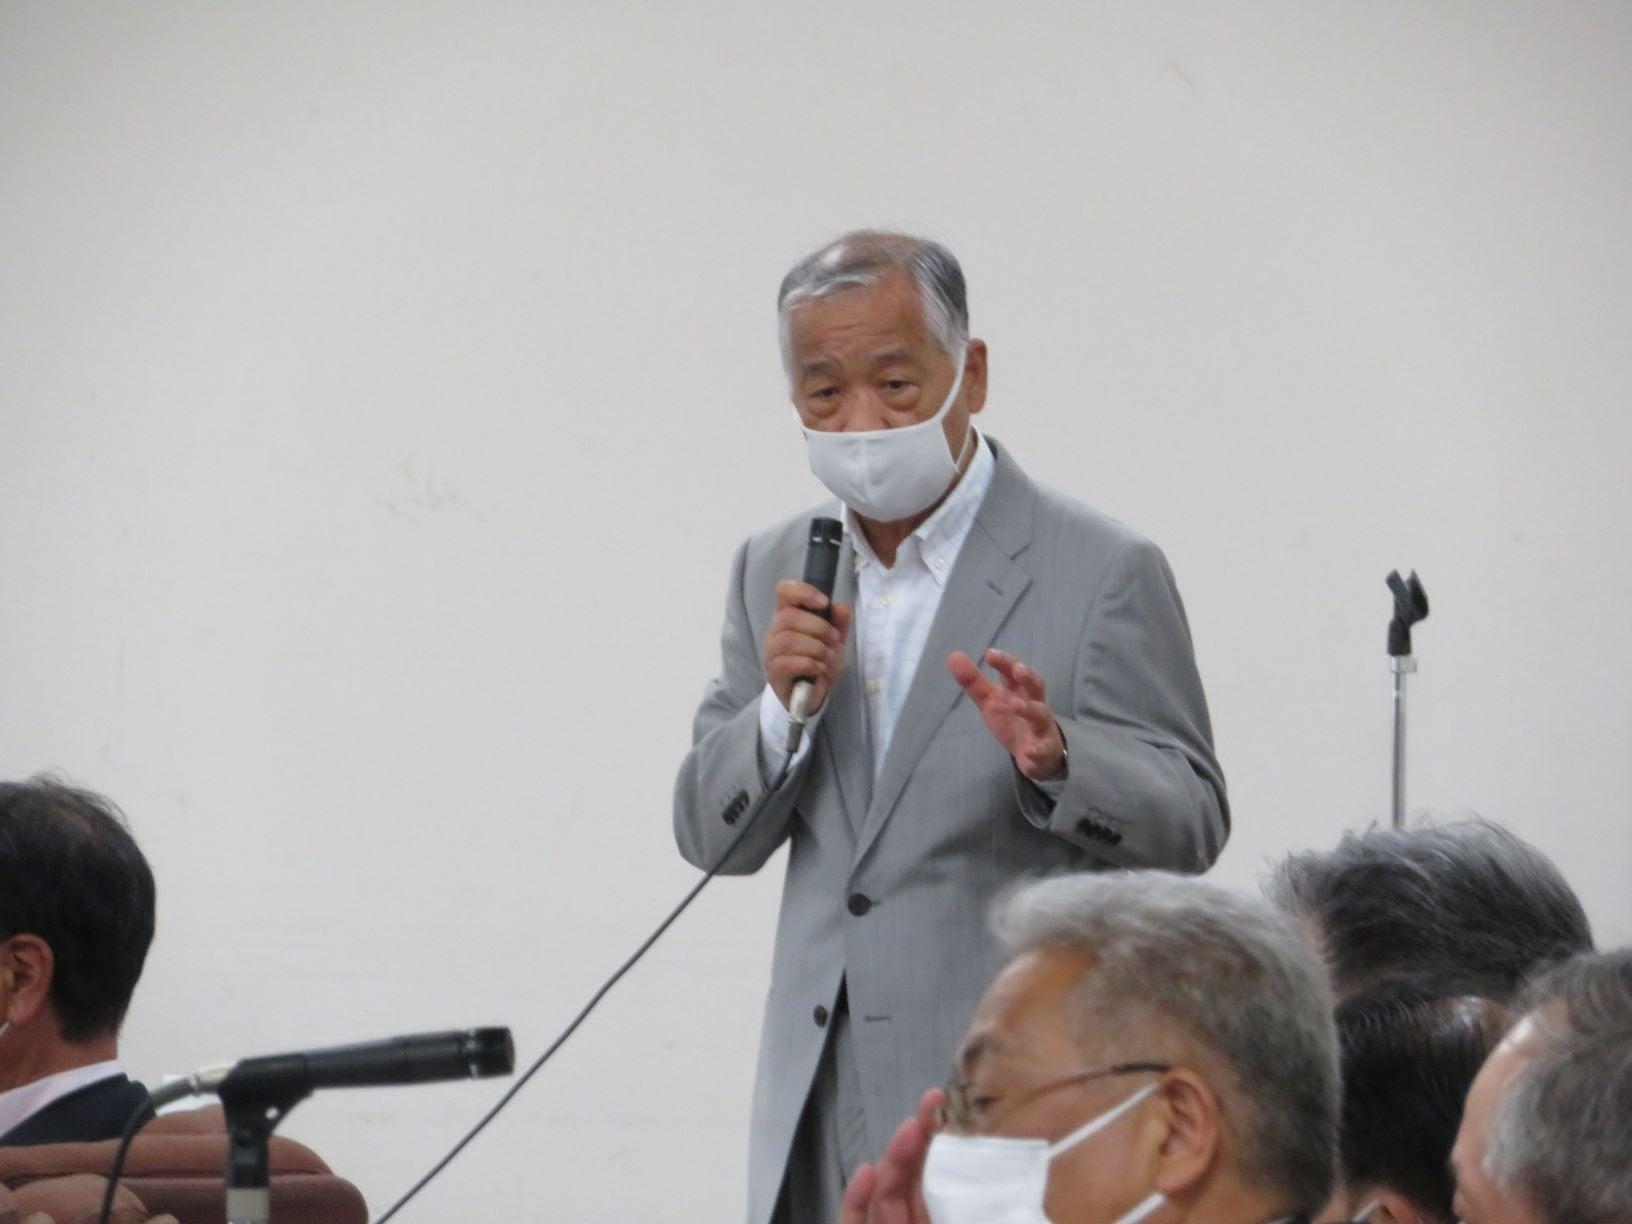 令和3年7月12日 仙台市・名取市広域行政協議会が開催